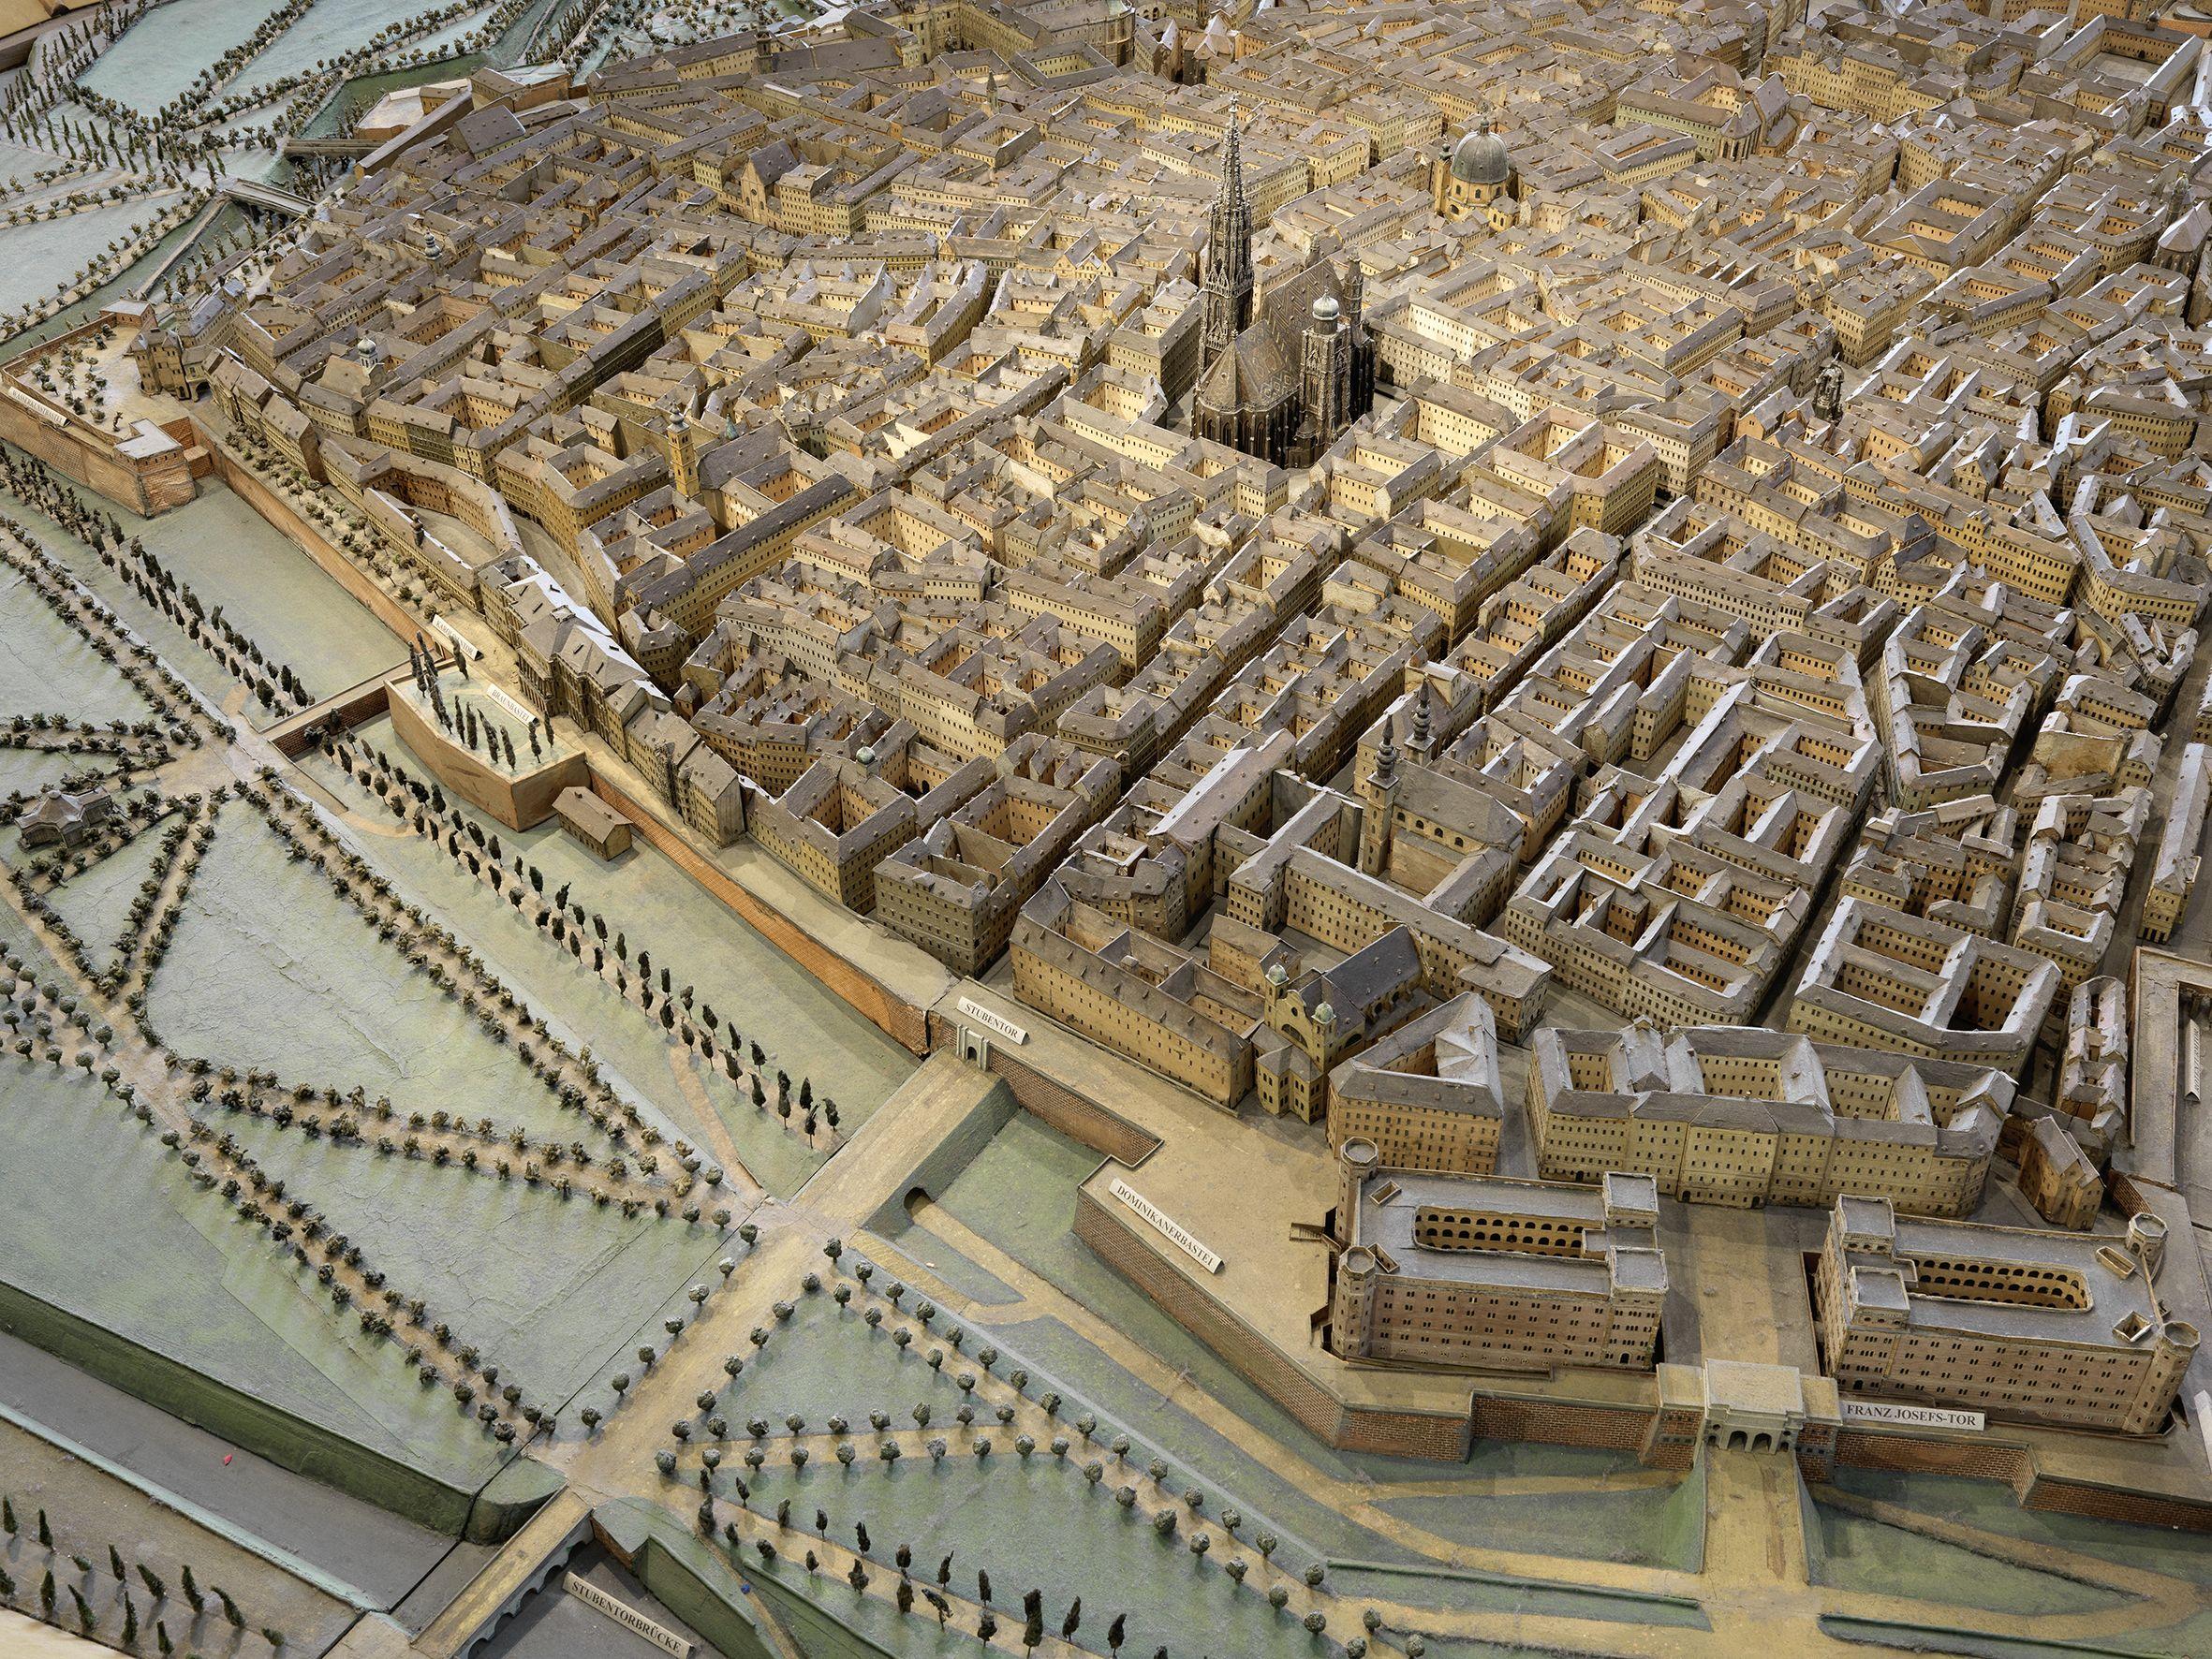 Modell der Wiener Innenstadt Herstellung Eduard Fischer 185254 Holz Papier und Karton